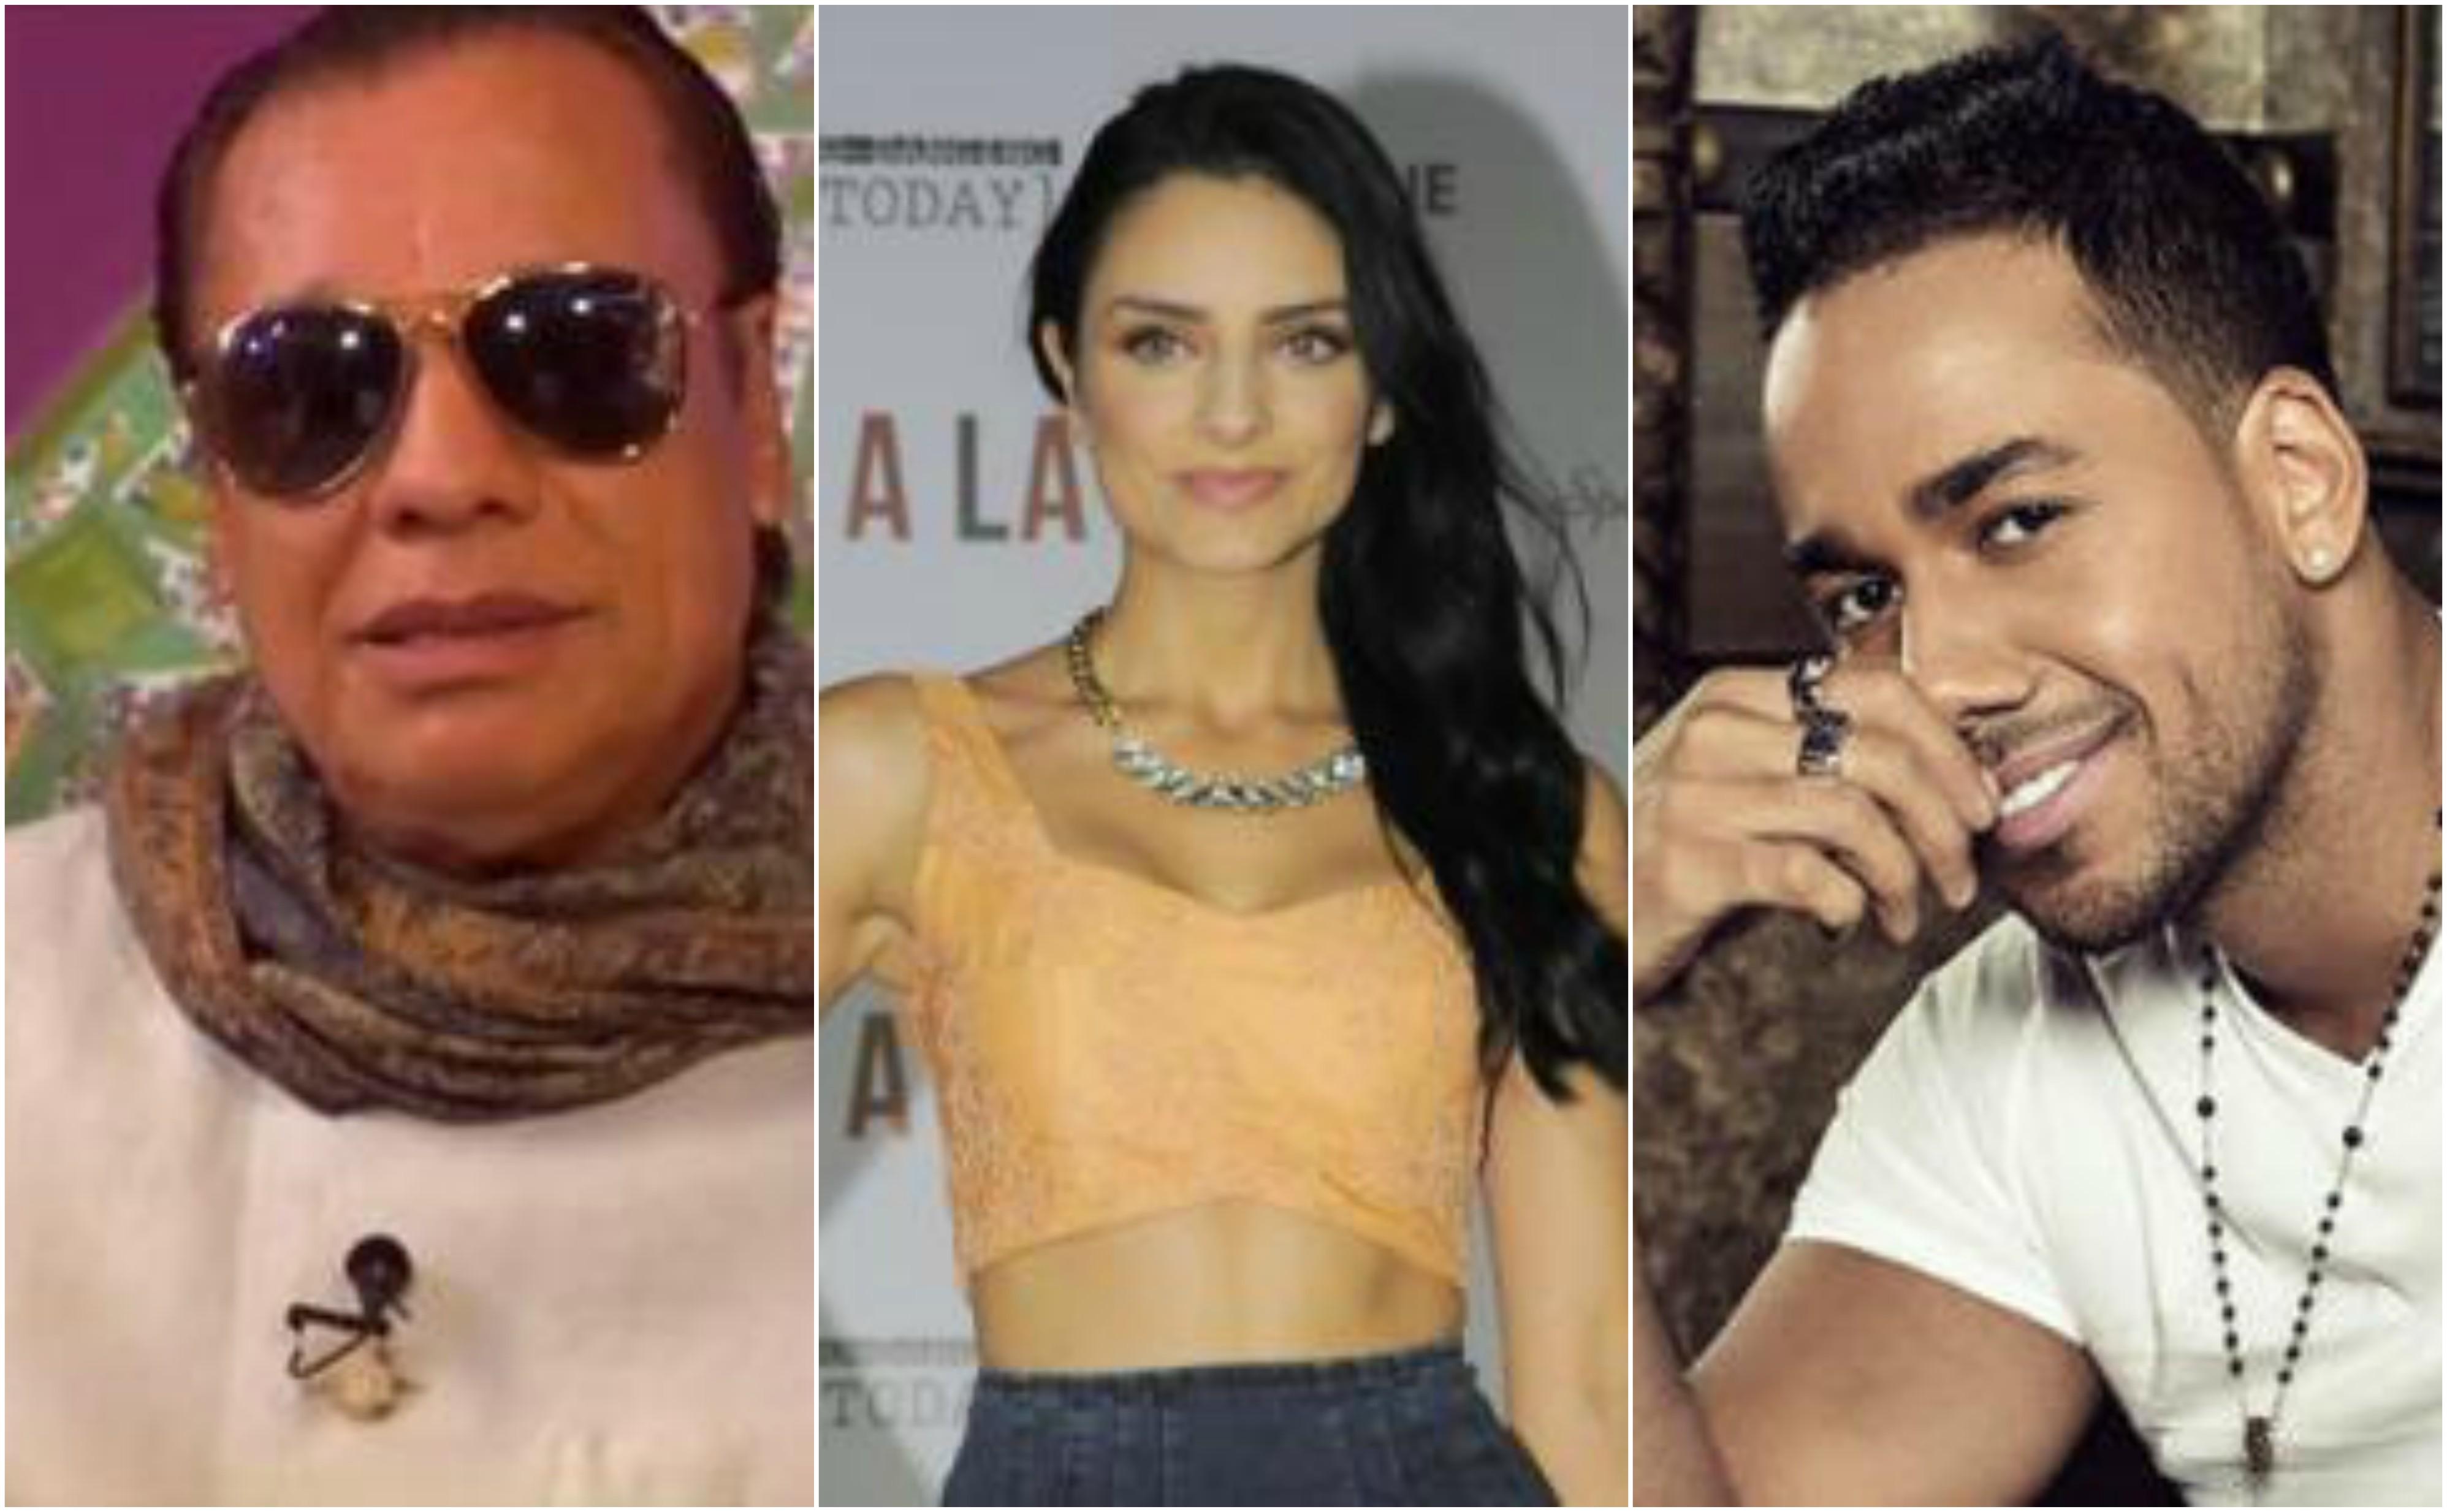 No podrás creer las peticiones insólitas que les han hecho a estos famosos en internet